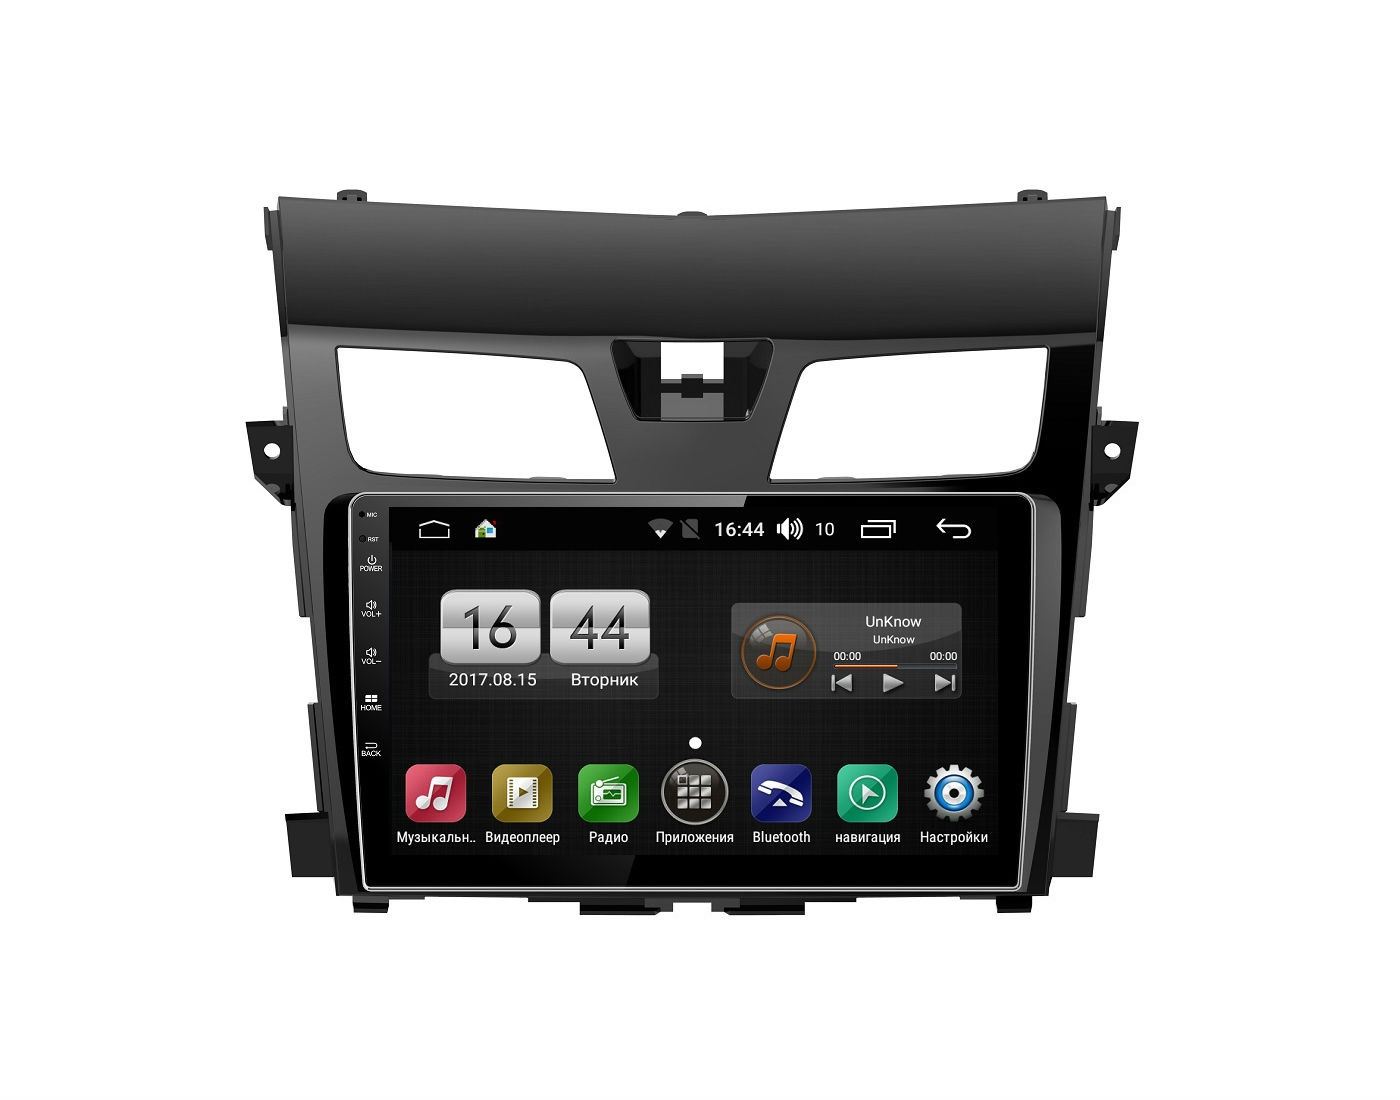 Штатная магнитола FarCar s195 для Nissan Teana 2013+ на Android (LX2004R) (+ Камера заднего вида в подарок!)